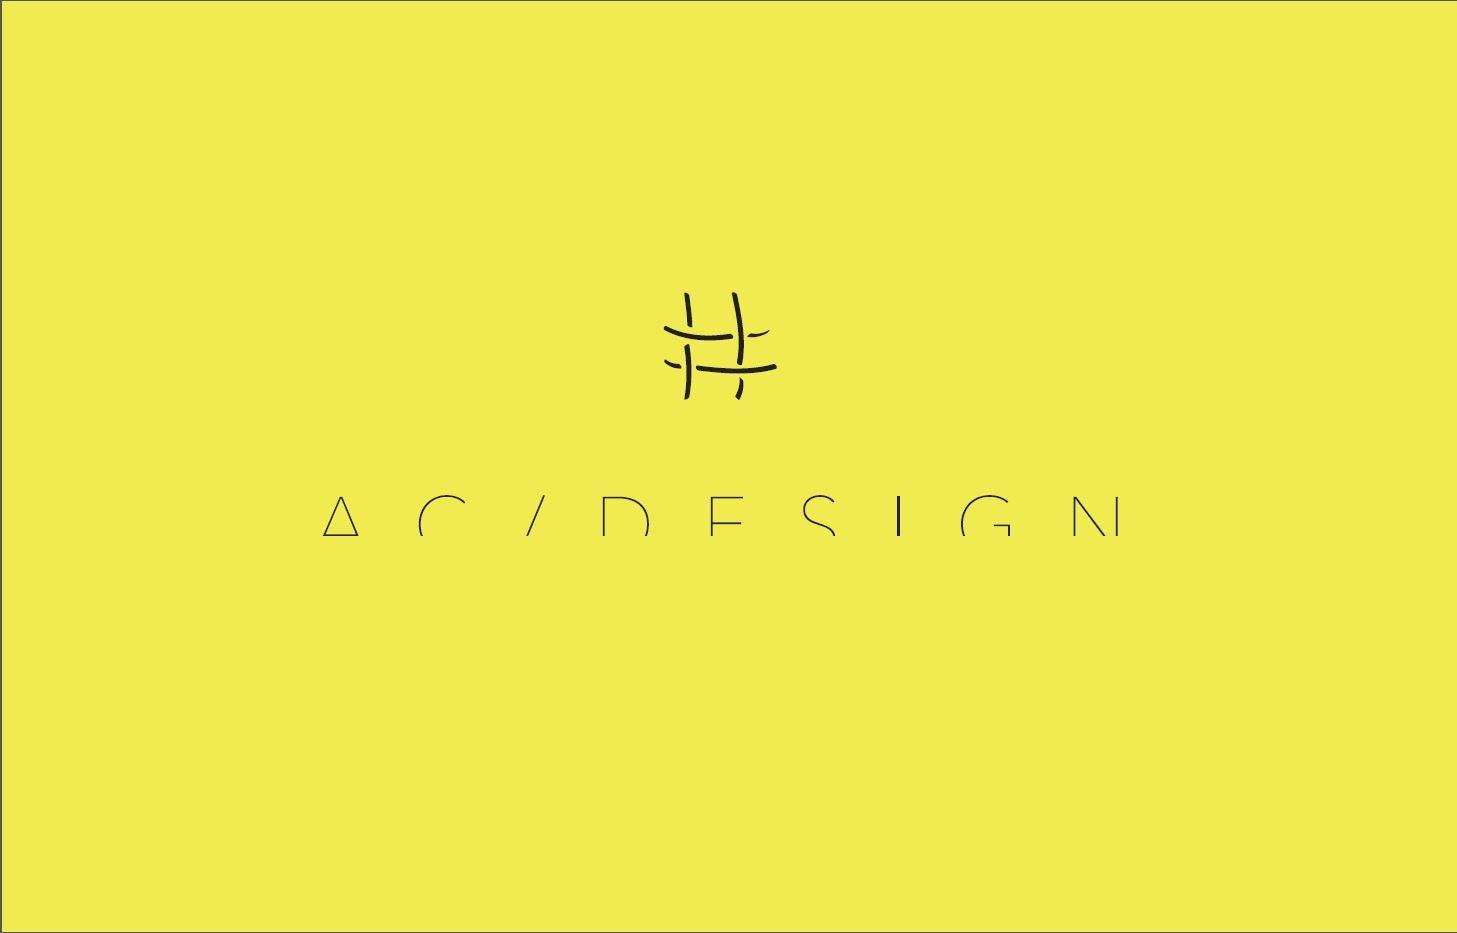 Ac/design